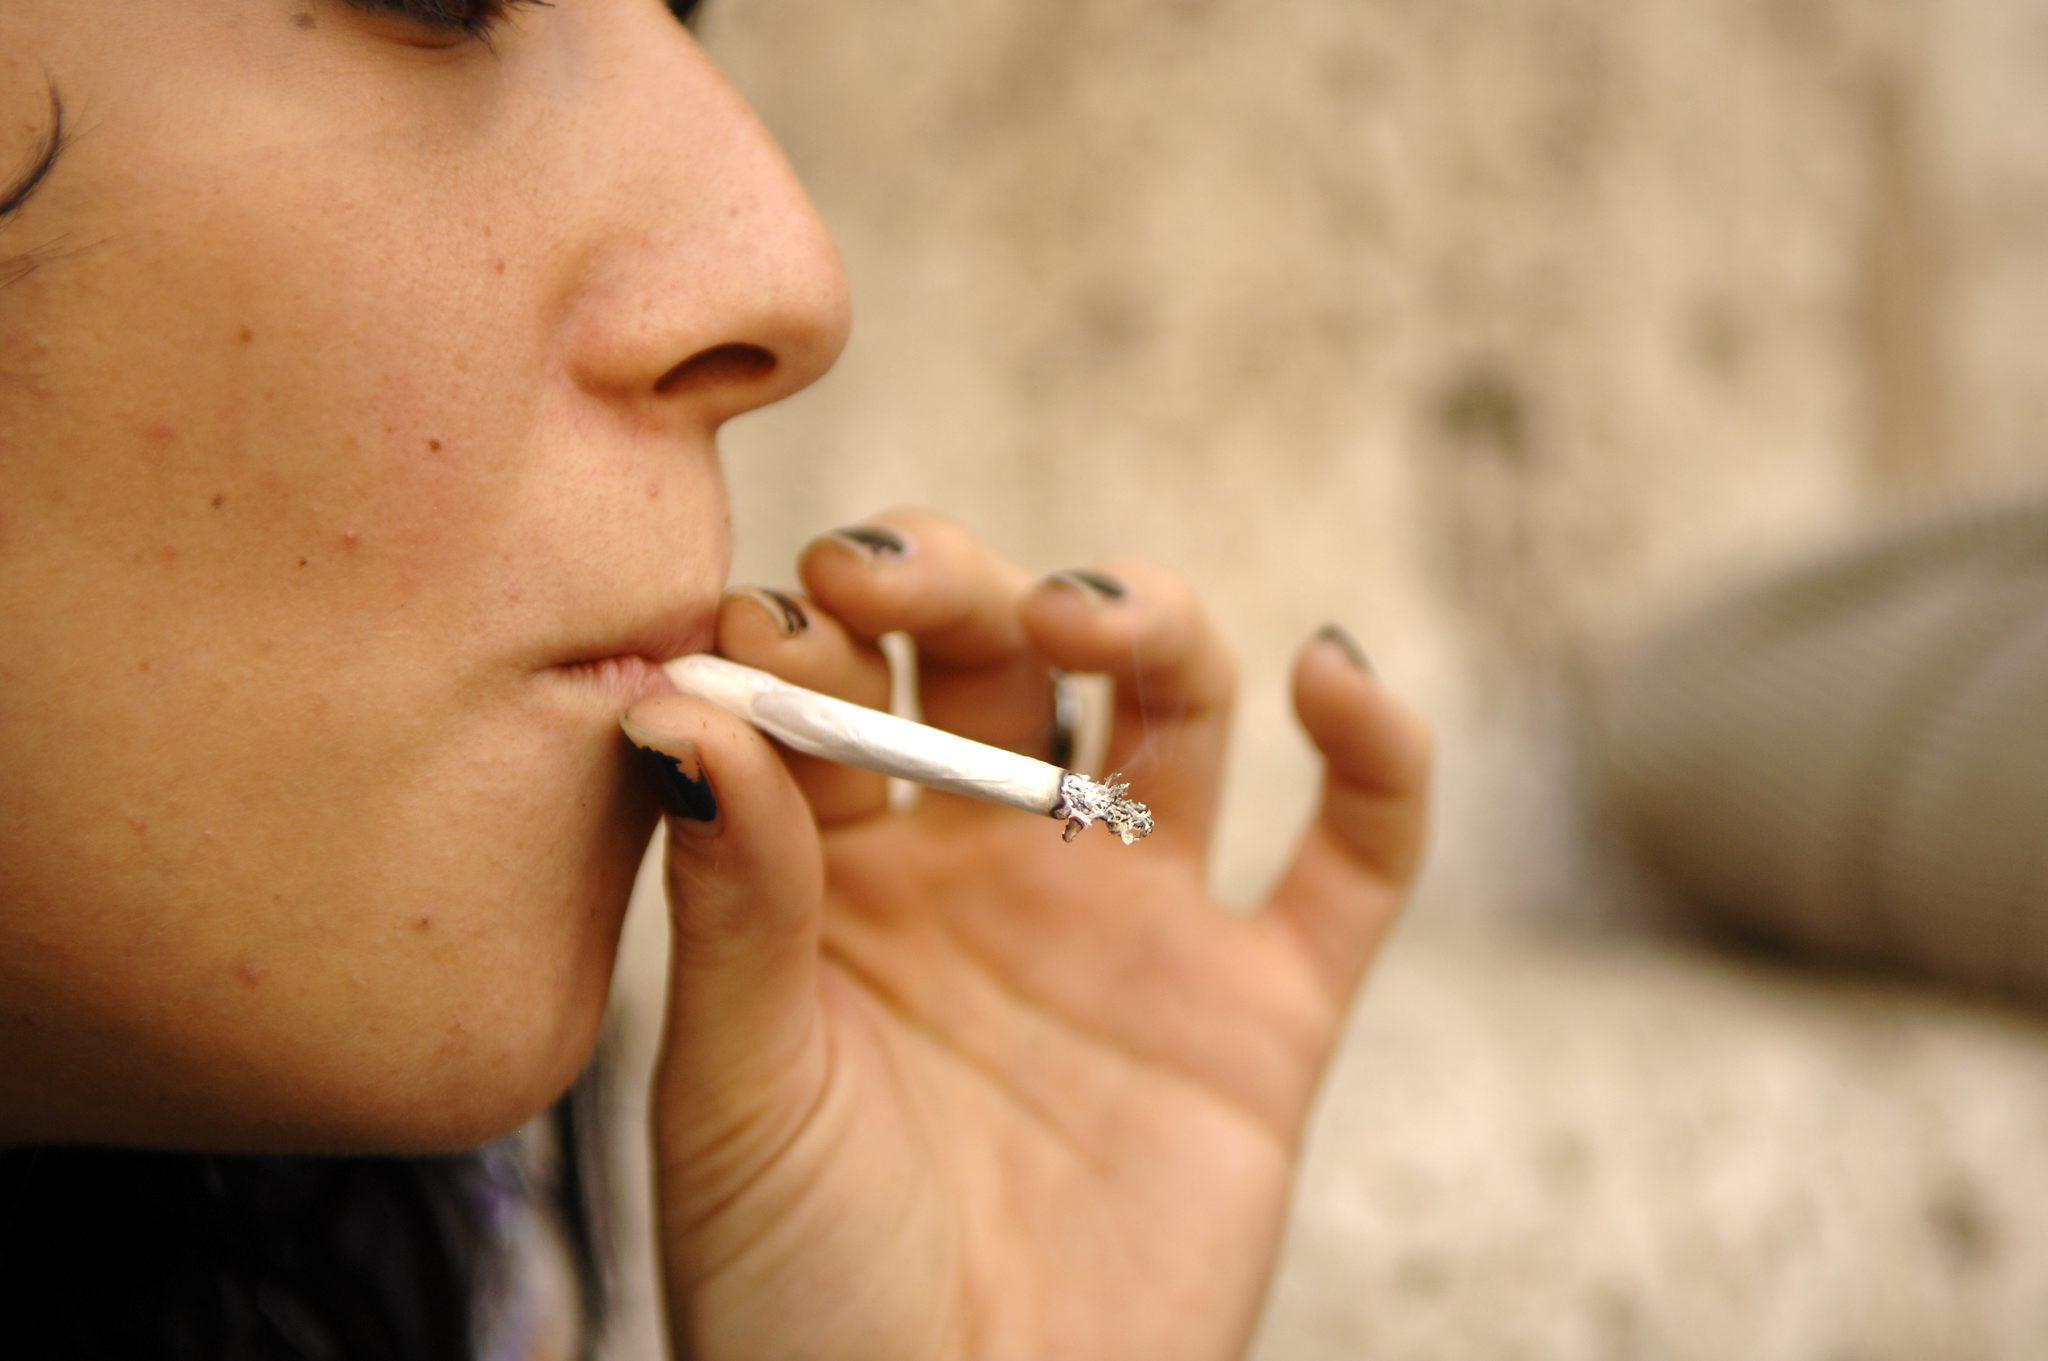 il fumo diminuisce l erezione